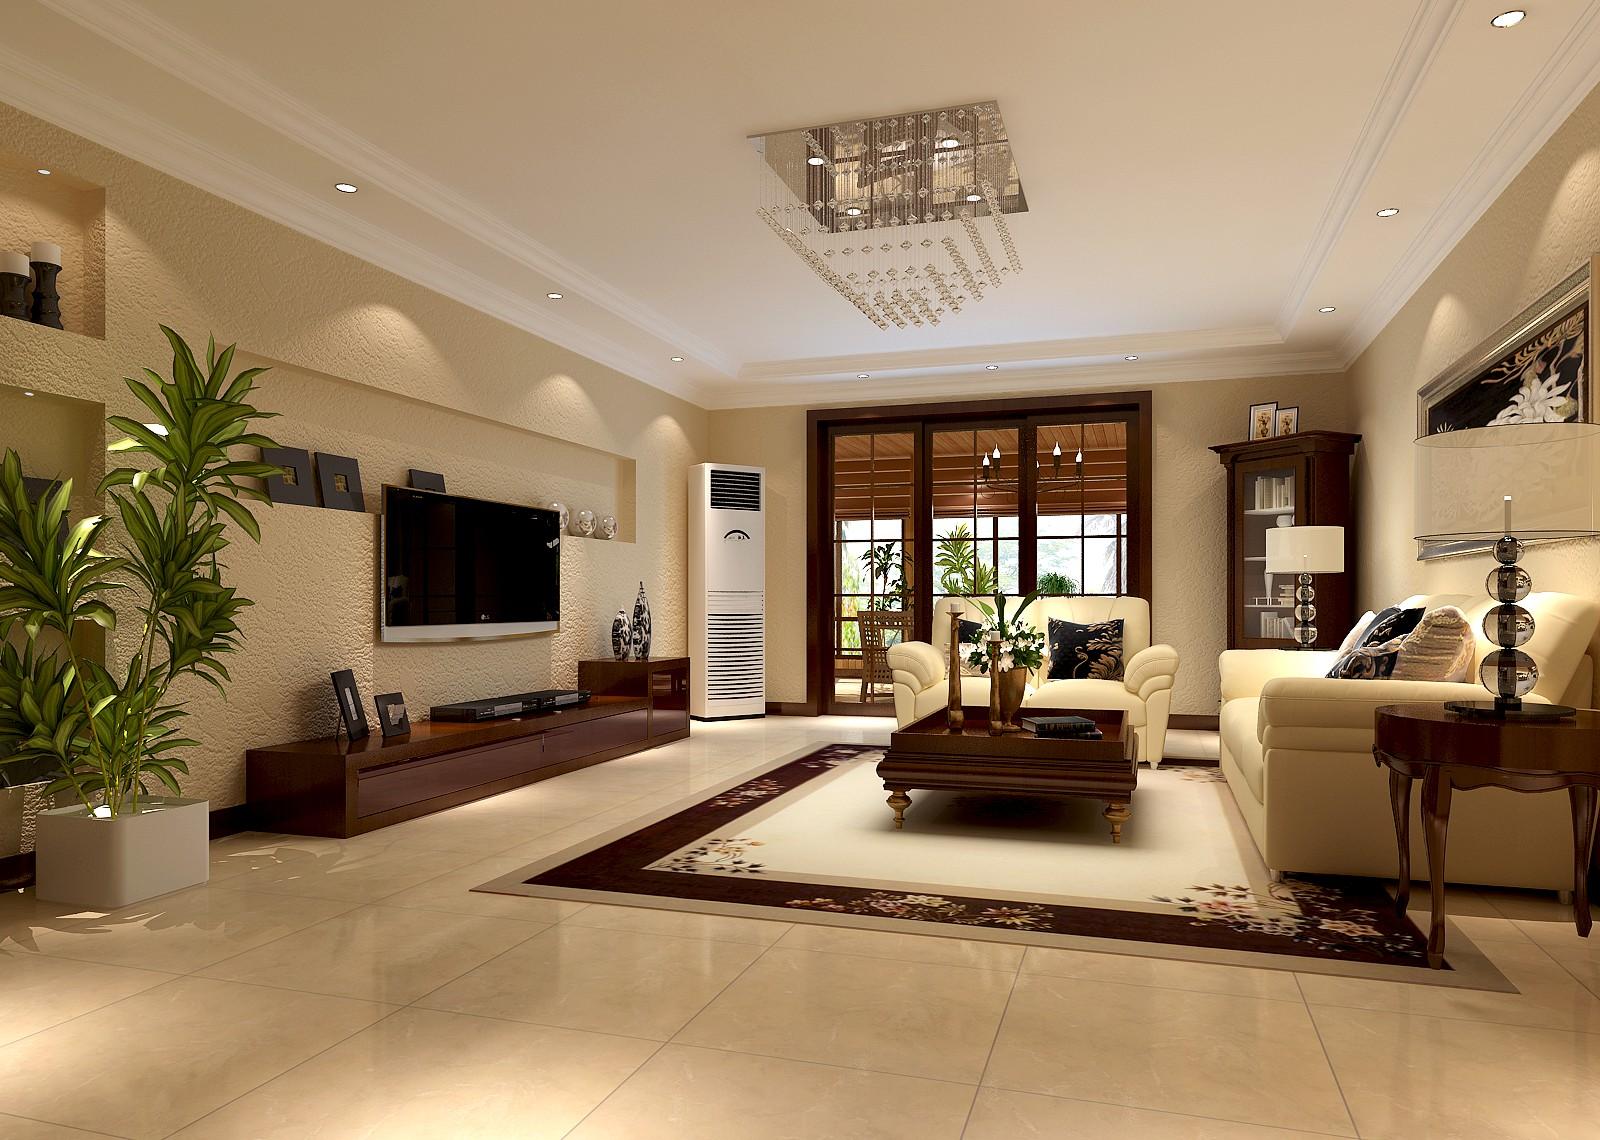 美式 混搭 白领 收纳 小资 高度国际 小清新 温馨舒适 客厅图片来自高度国际王慧芳在美式休闲百旺家园的分享